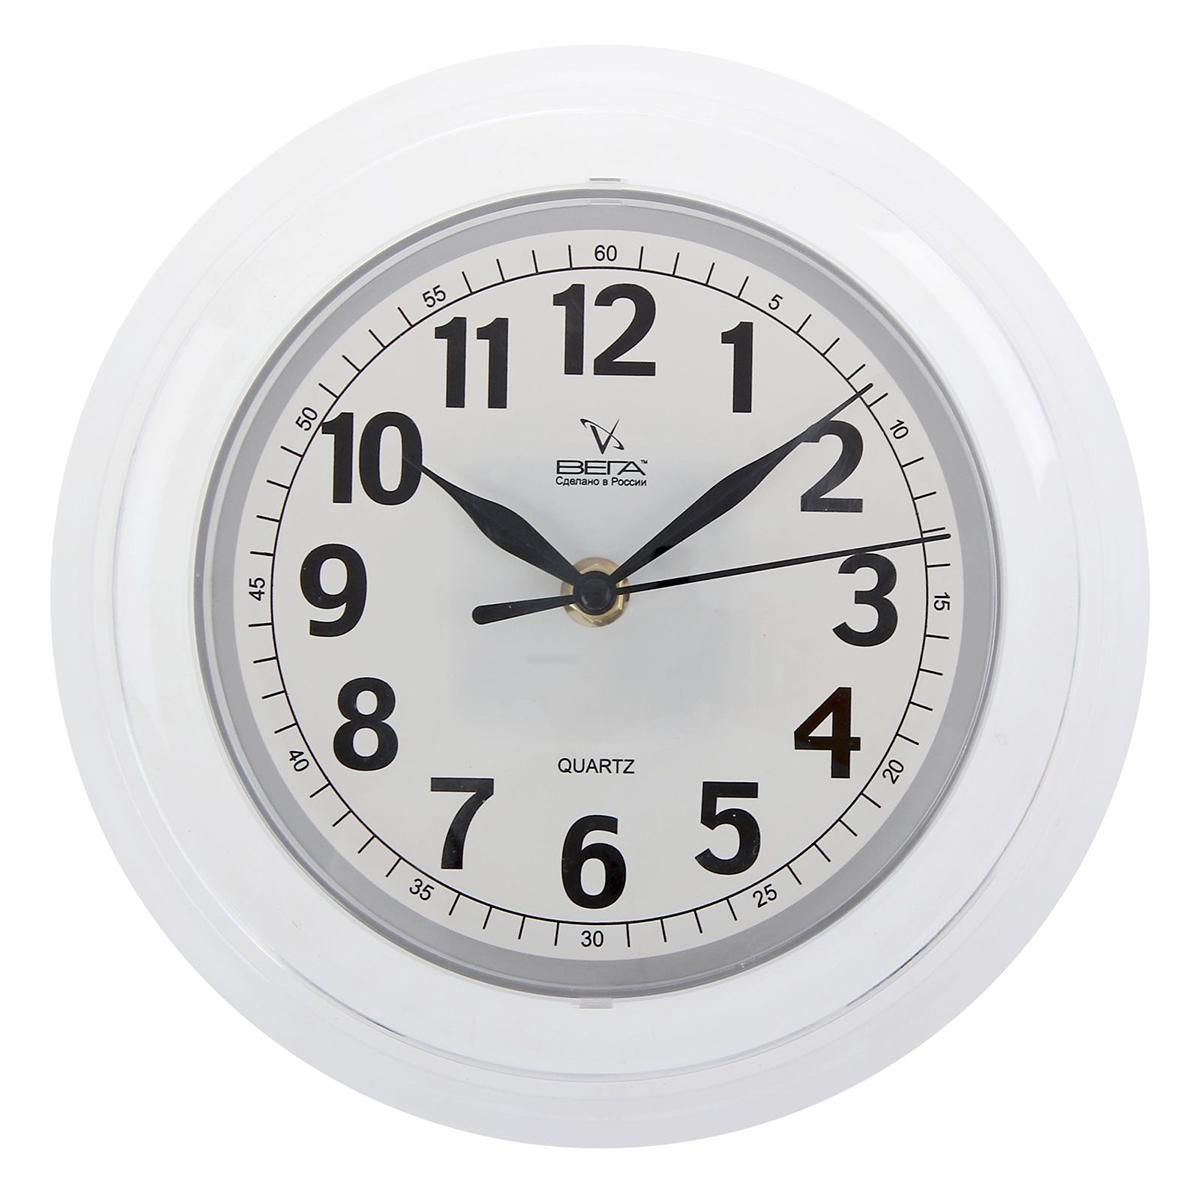 Часы настенные Вега Классика белая1379988Часы настенные круглые Классика. Мария, белые — сувенир в полном смысле этого слова. И главная его задача — хранить воспоминание о месте, где вы побывали, или о том человеке, который подарил данный предмет. Преподнесите эту вещь своему другу, и она станет достойным украшением его дома. Каждому хозяину периодически приходит мысль обновить свою квартиру, сделать ремонт, перестановку или кардинально поменять внешний вид каждой комнаты. Часы настенные круглые Классика. Мария, белые — привлекательная деталь, которая поможет воплотить вашу интерьерную идею, создать неповторимую атмосферу в вашем доме. Окружите себя приятными мелочами, пусть они радуют глаз и дарят гармонию.Часы настенные Классика белая, 1379988